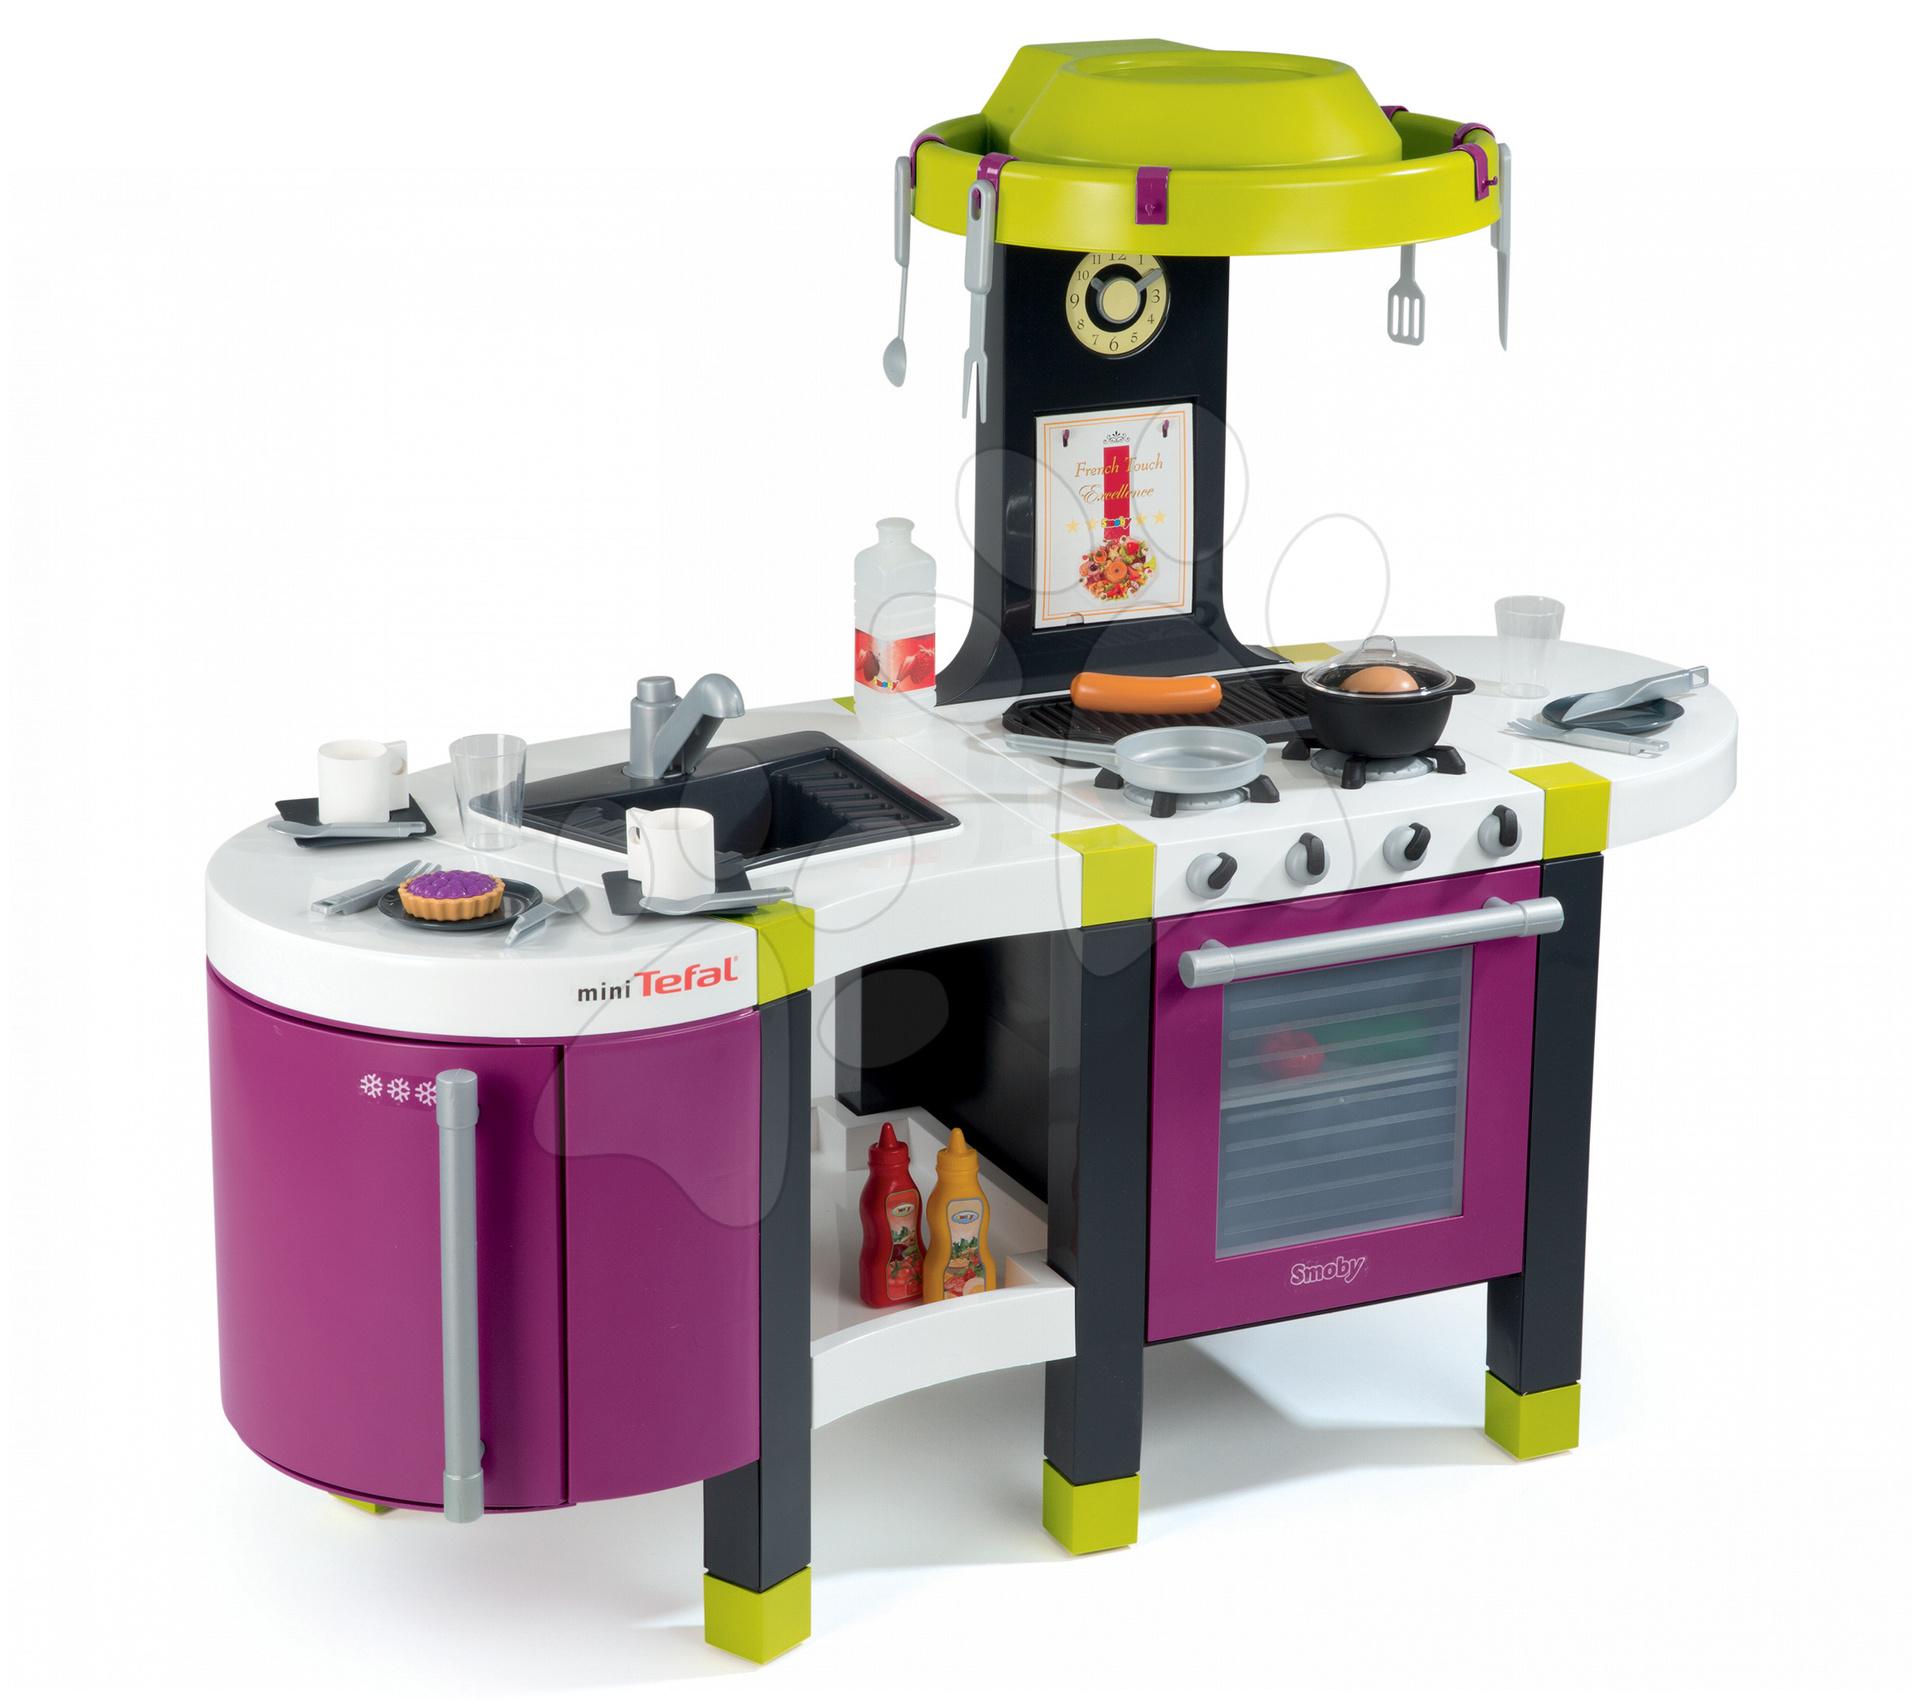 Dětská kuchyňka French Touch Tefal Smoby elektronická se zvuky, s lednicí a 30 doplňky fialová